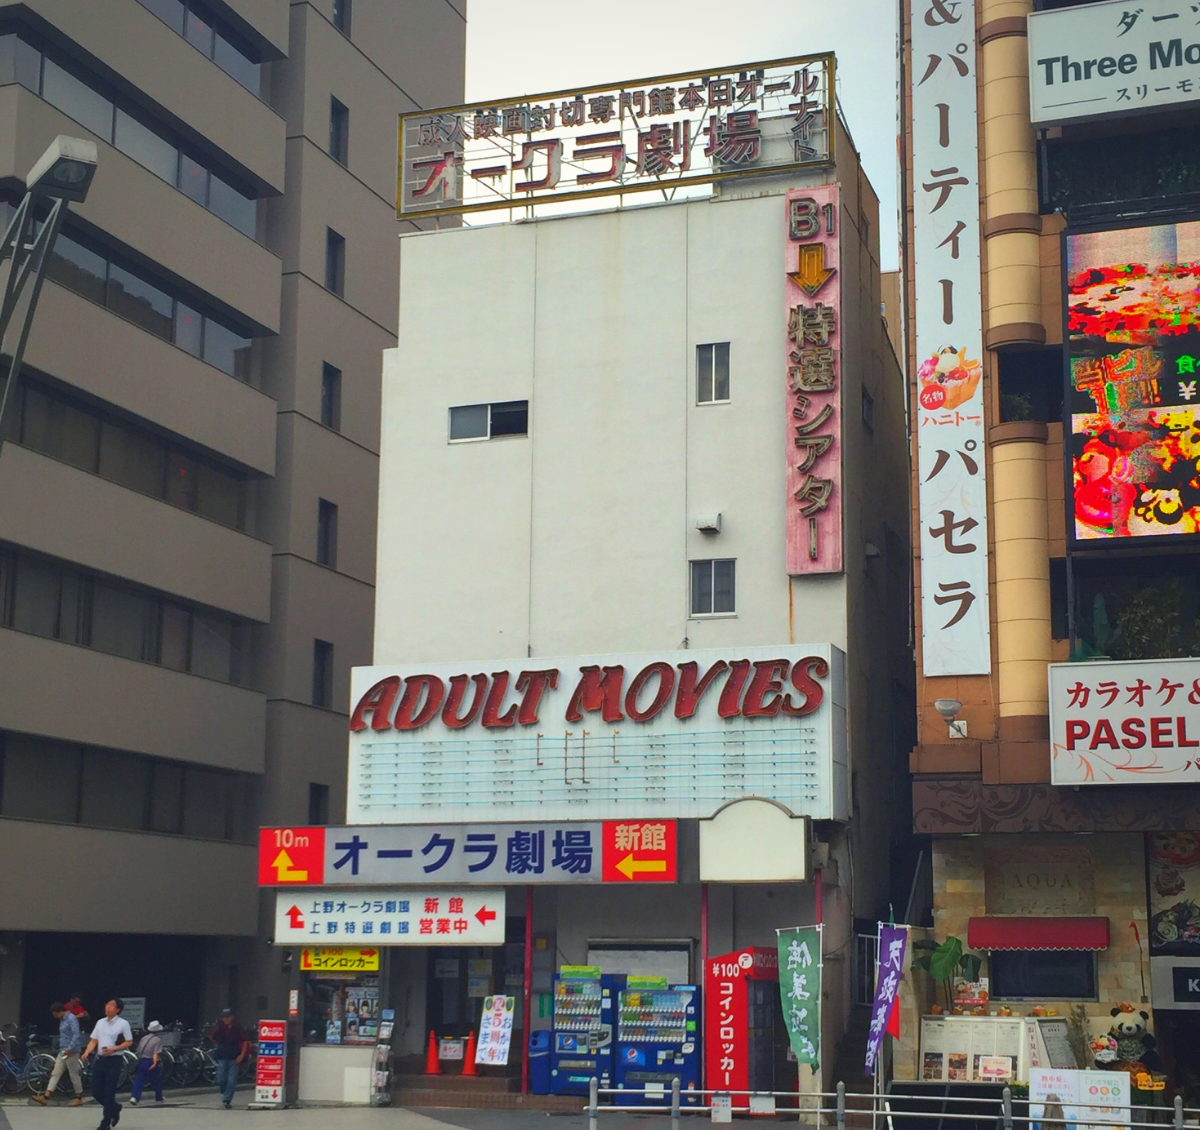 橋本 映画 館 上映 スケジュール